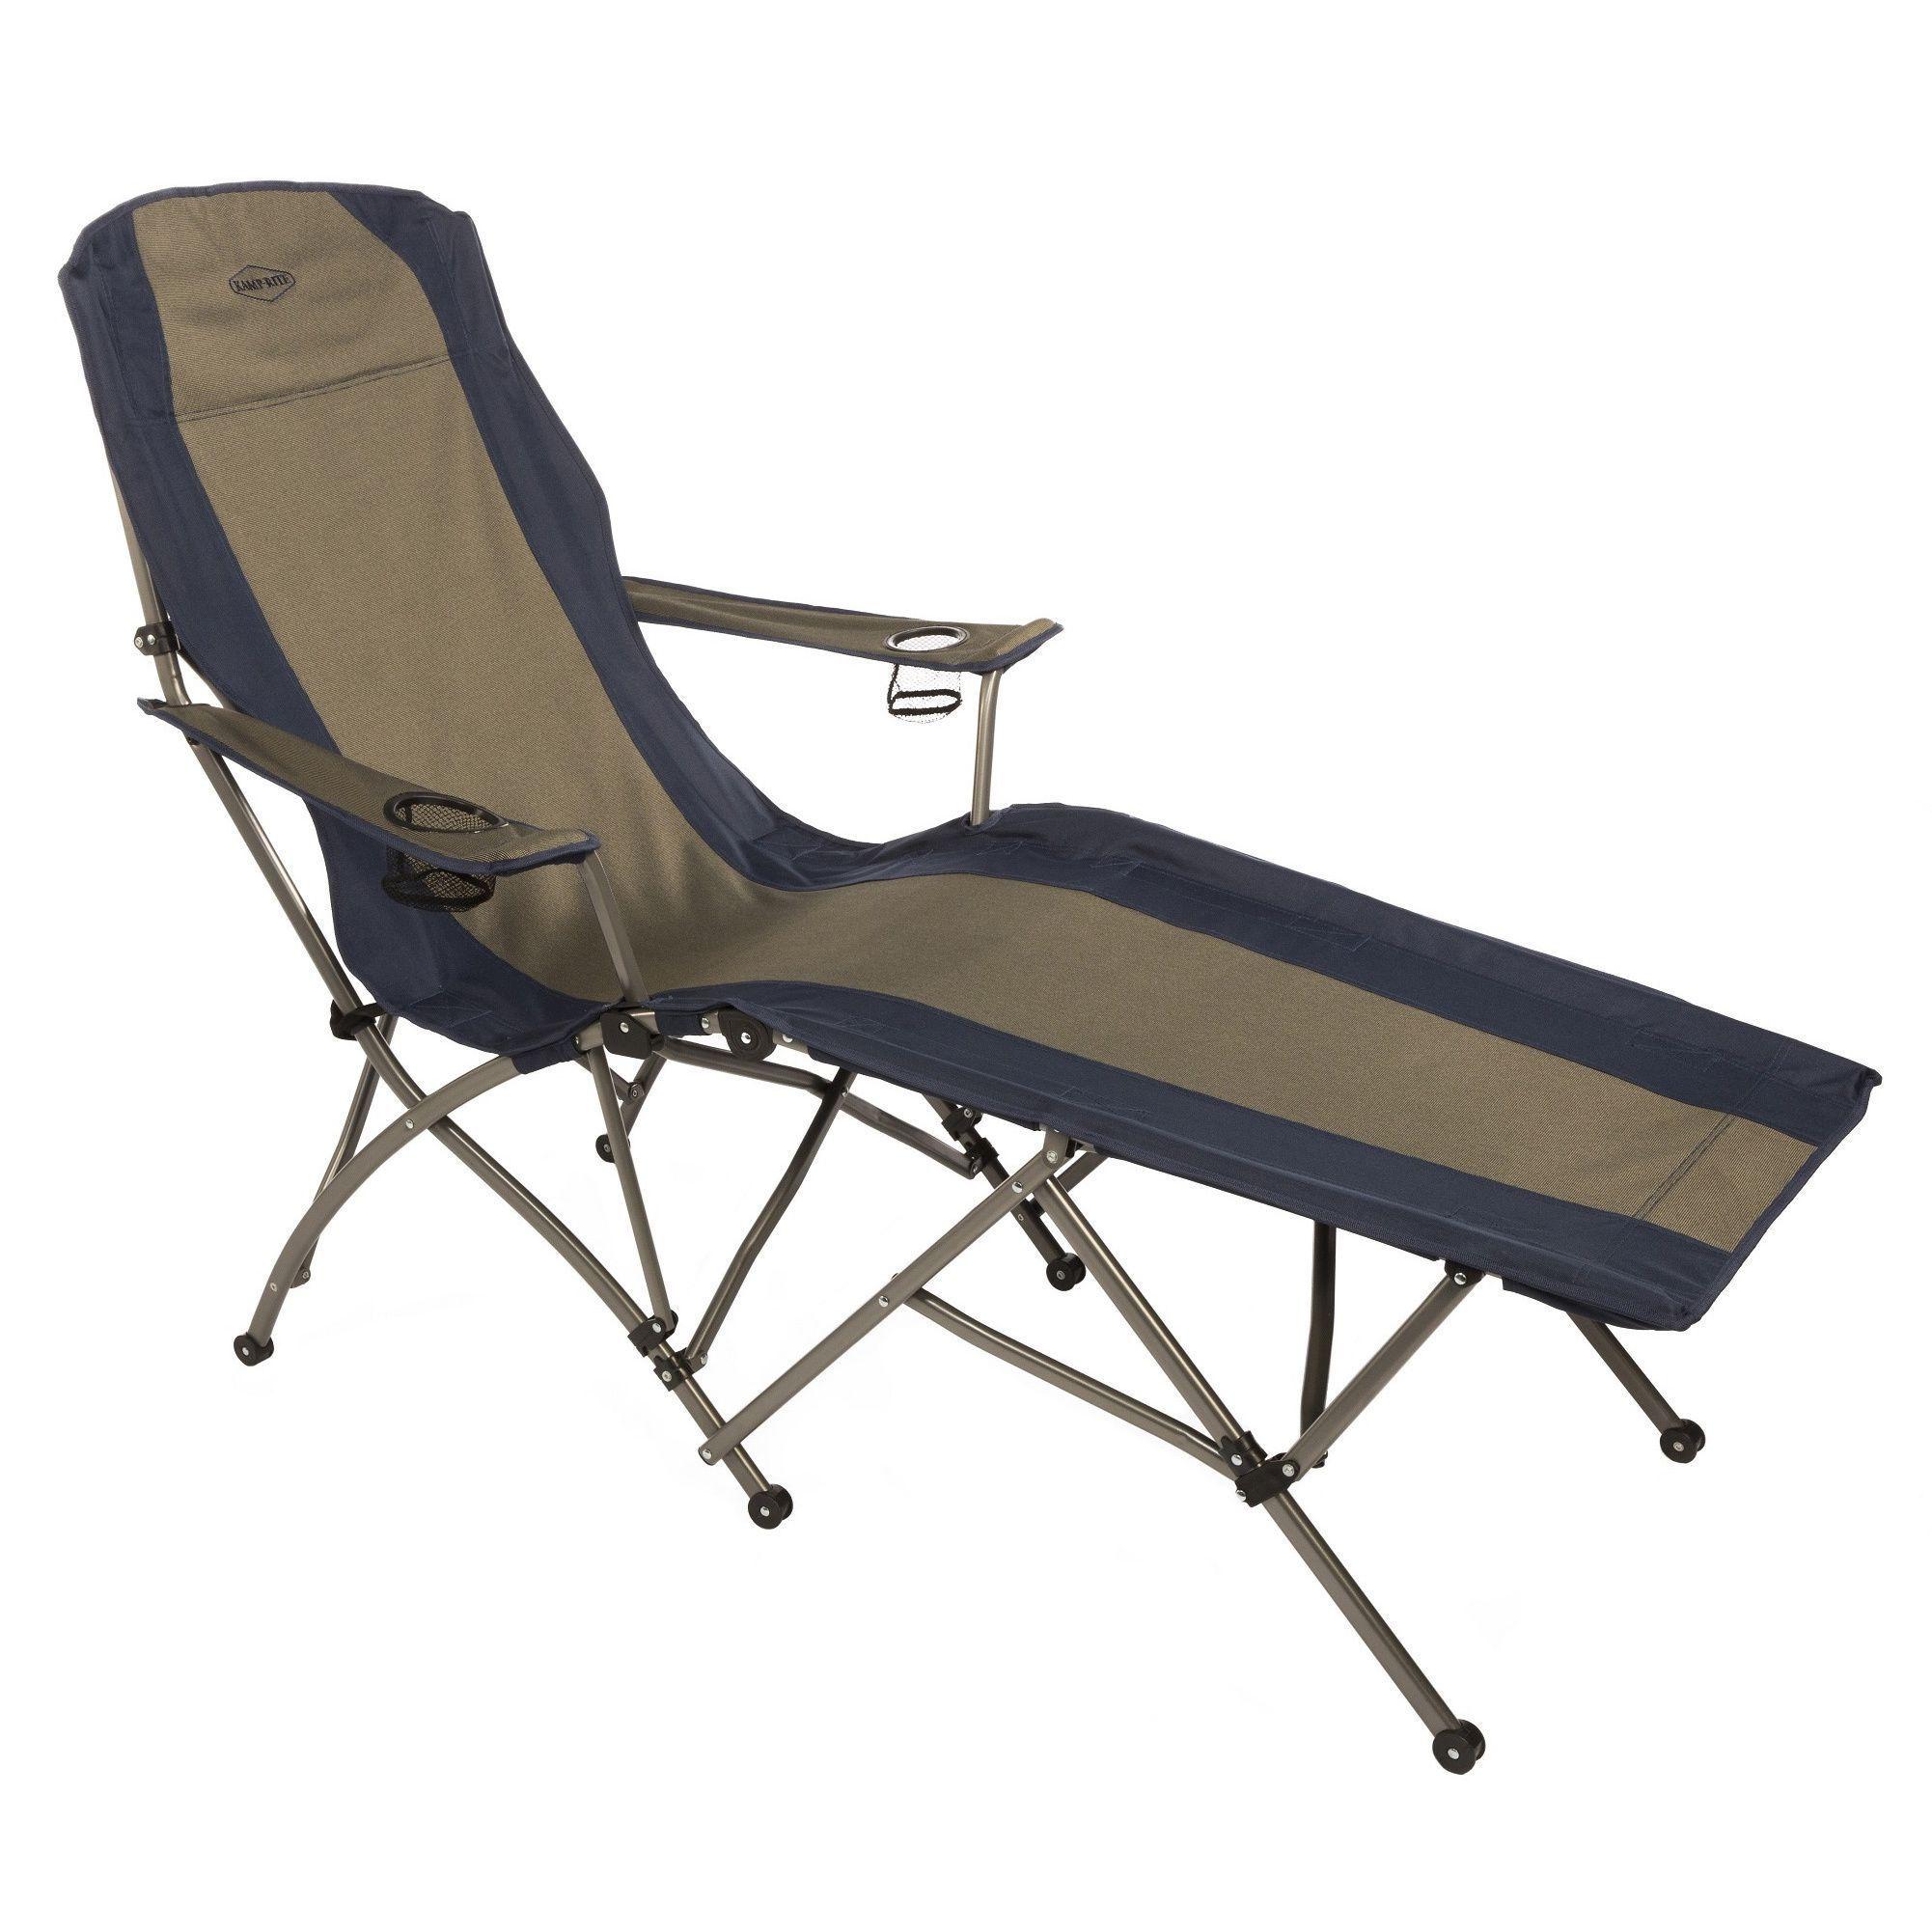 C-förmige design-ideen für küchen stühle kinder camping stühle heavy duty camping stühle folding